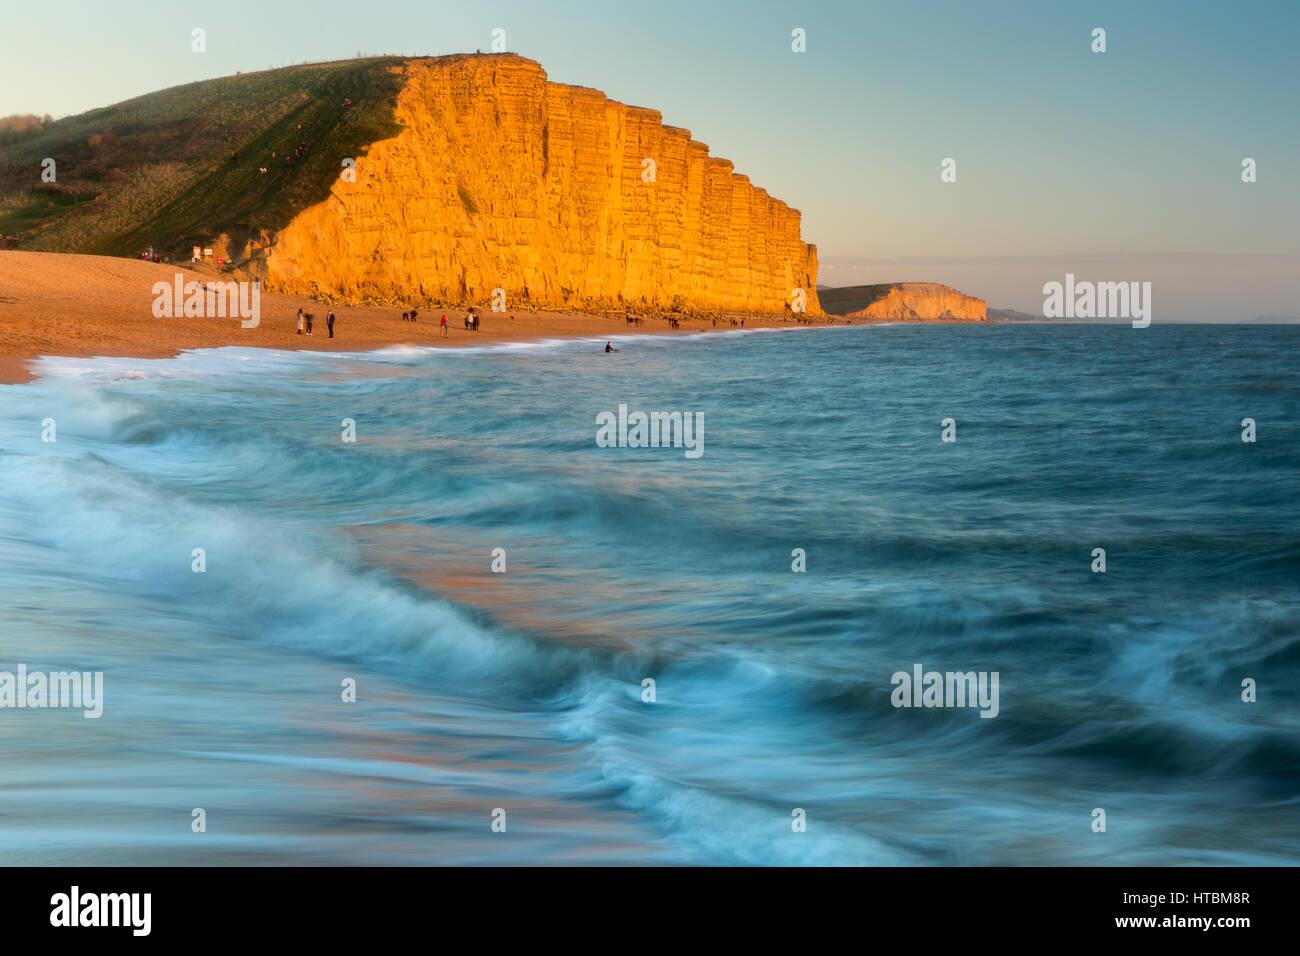 A continuación de la playa de East Cliff, West Bay, la Costa Jurásica, en Dorset, Inglaterra, Reino Unido. Imagen De Stock